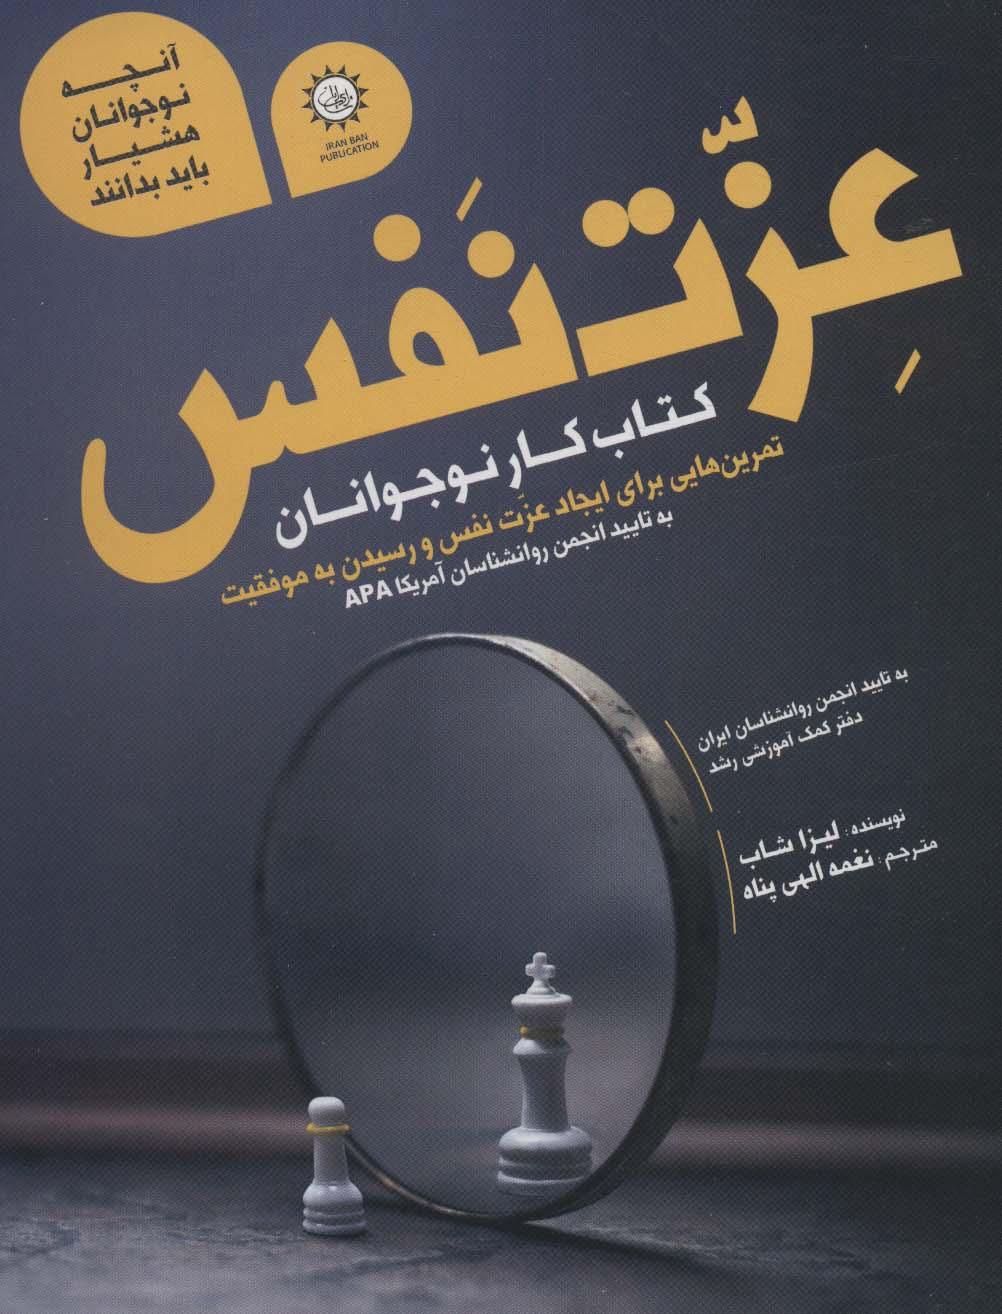 عزت نفس (کتاب کار نوجوانان)،(تمرین هایی برای ایجاد عزت نفس و رسیدن به موفقیت)